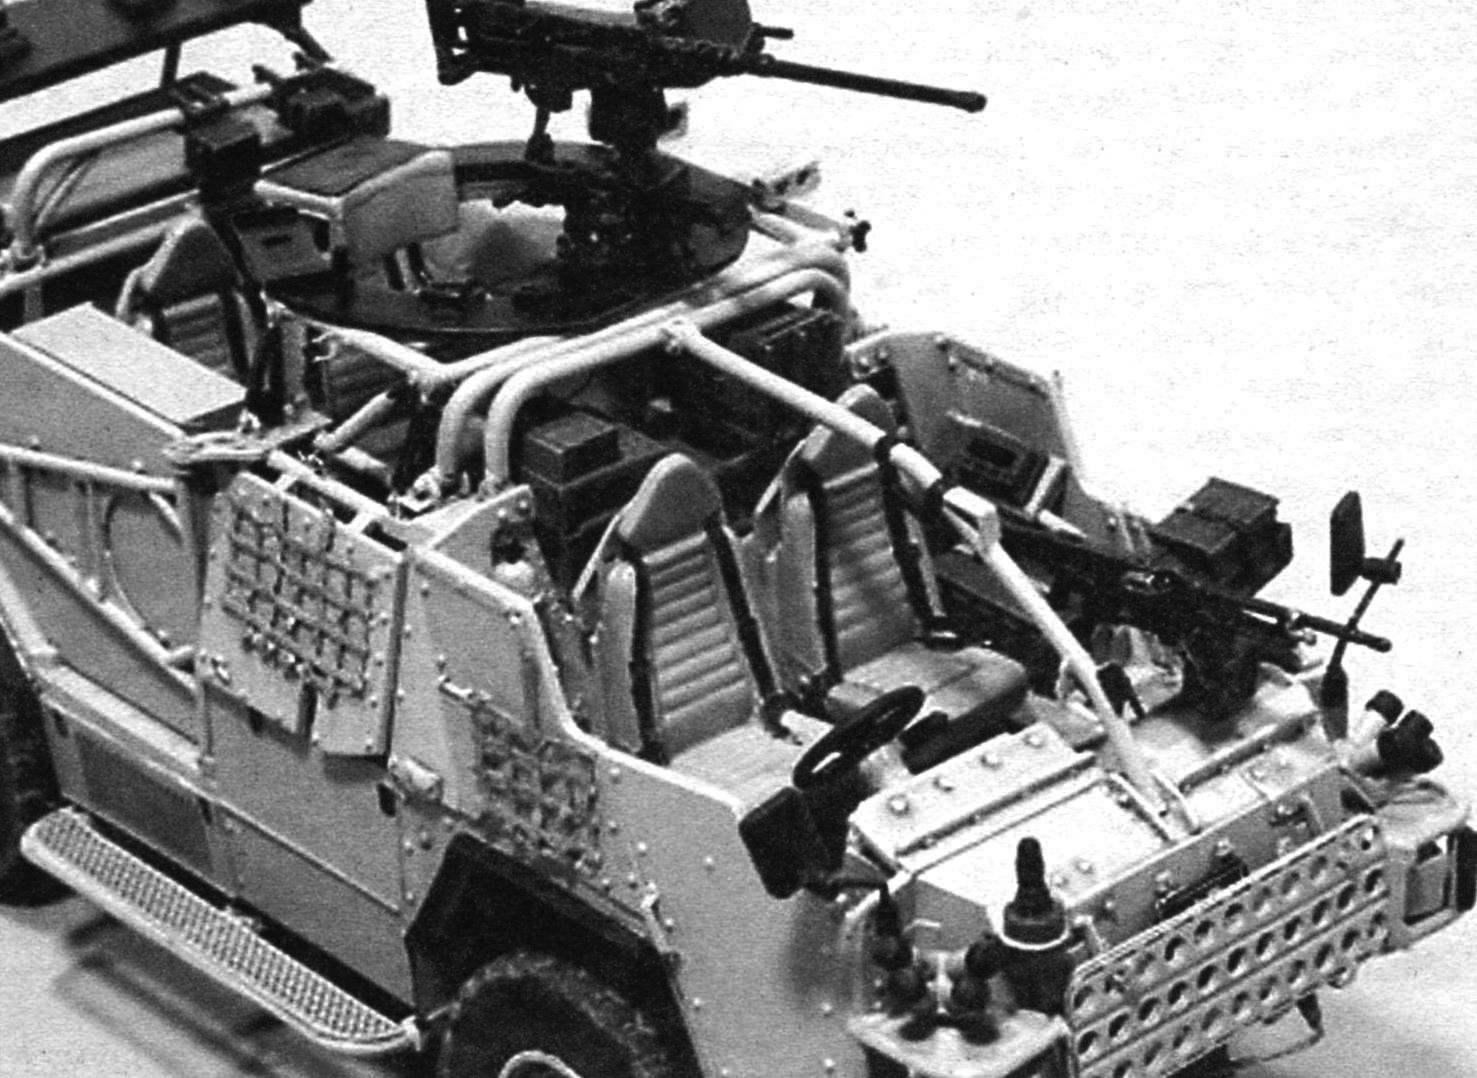 Вооружение броневика «Шакал» состоит из 7,62-мм командирского пулемёта GPMG и крупнокалиберного 12,7-мм HMG, находящеюся в кормовой части на вращающейся турели, возможна установка 40-мм гранатомёта